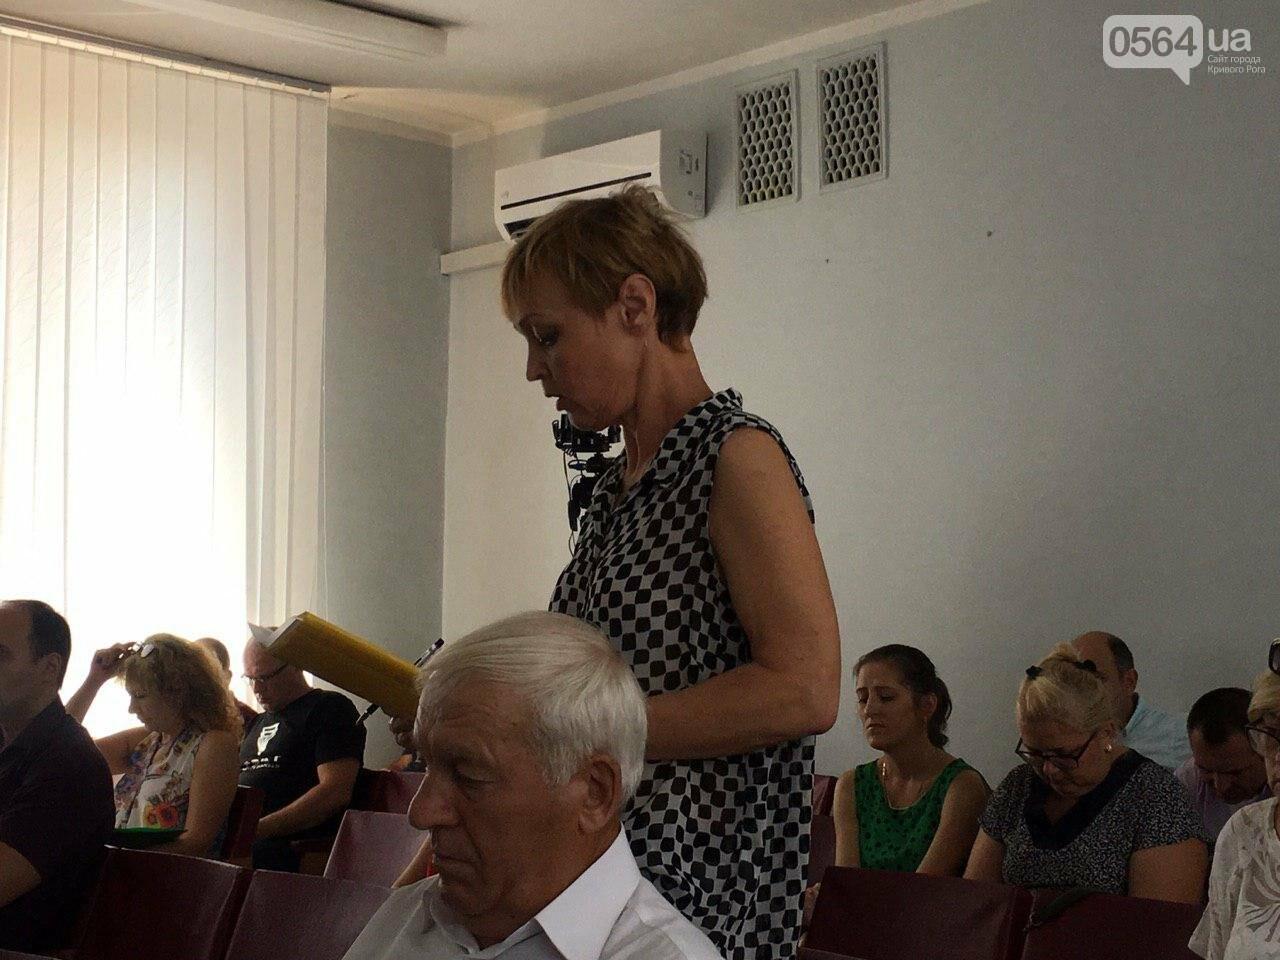 Криворожское КП пытается подготовится к отопительному сезону, несмотря на долг в полмиллиарда, - ФОТО , фото-39